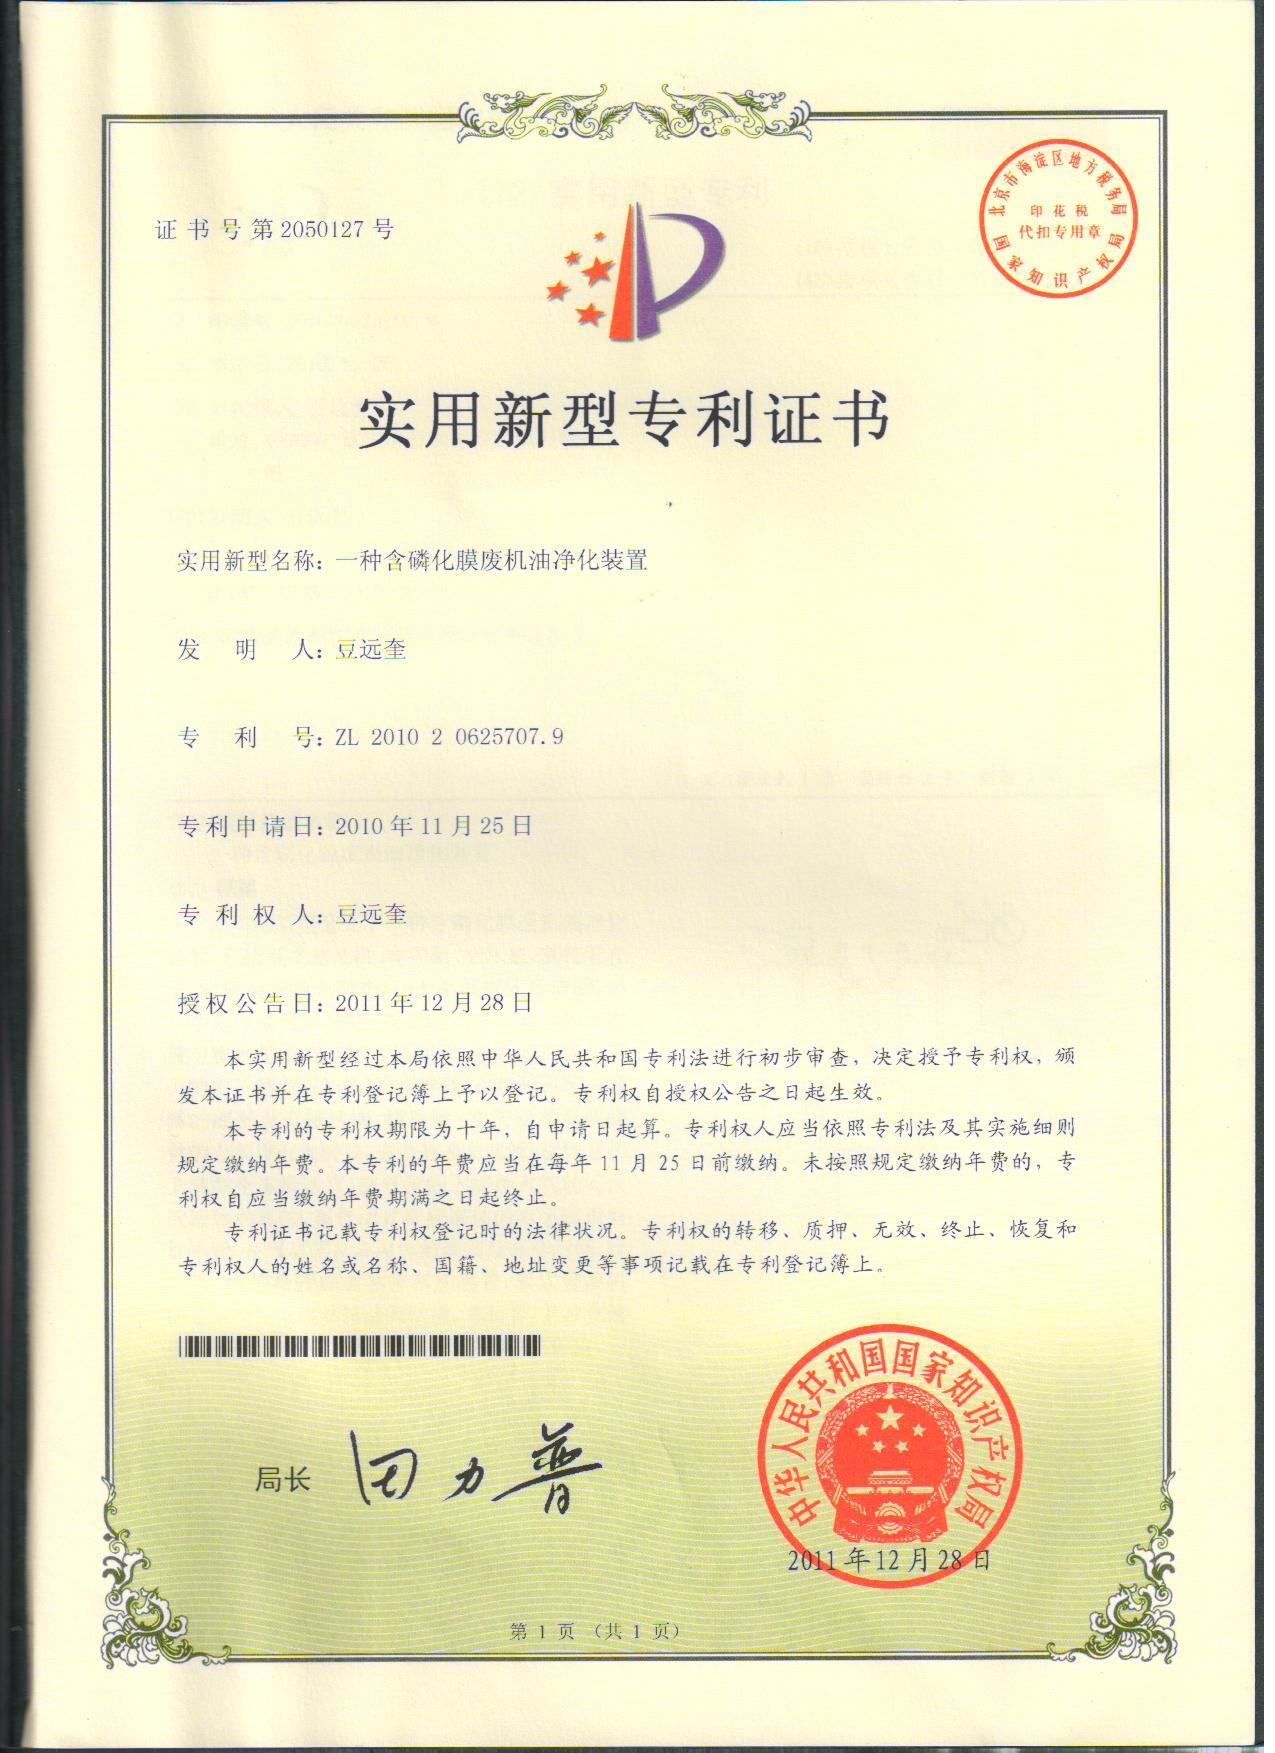 含磷化膜废机油净化装置设备认证